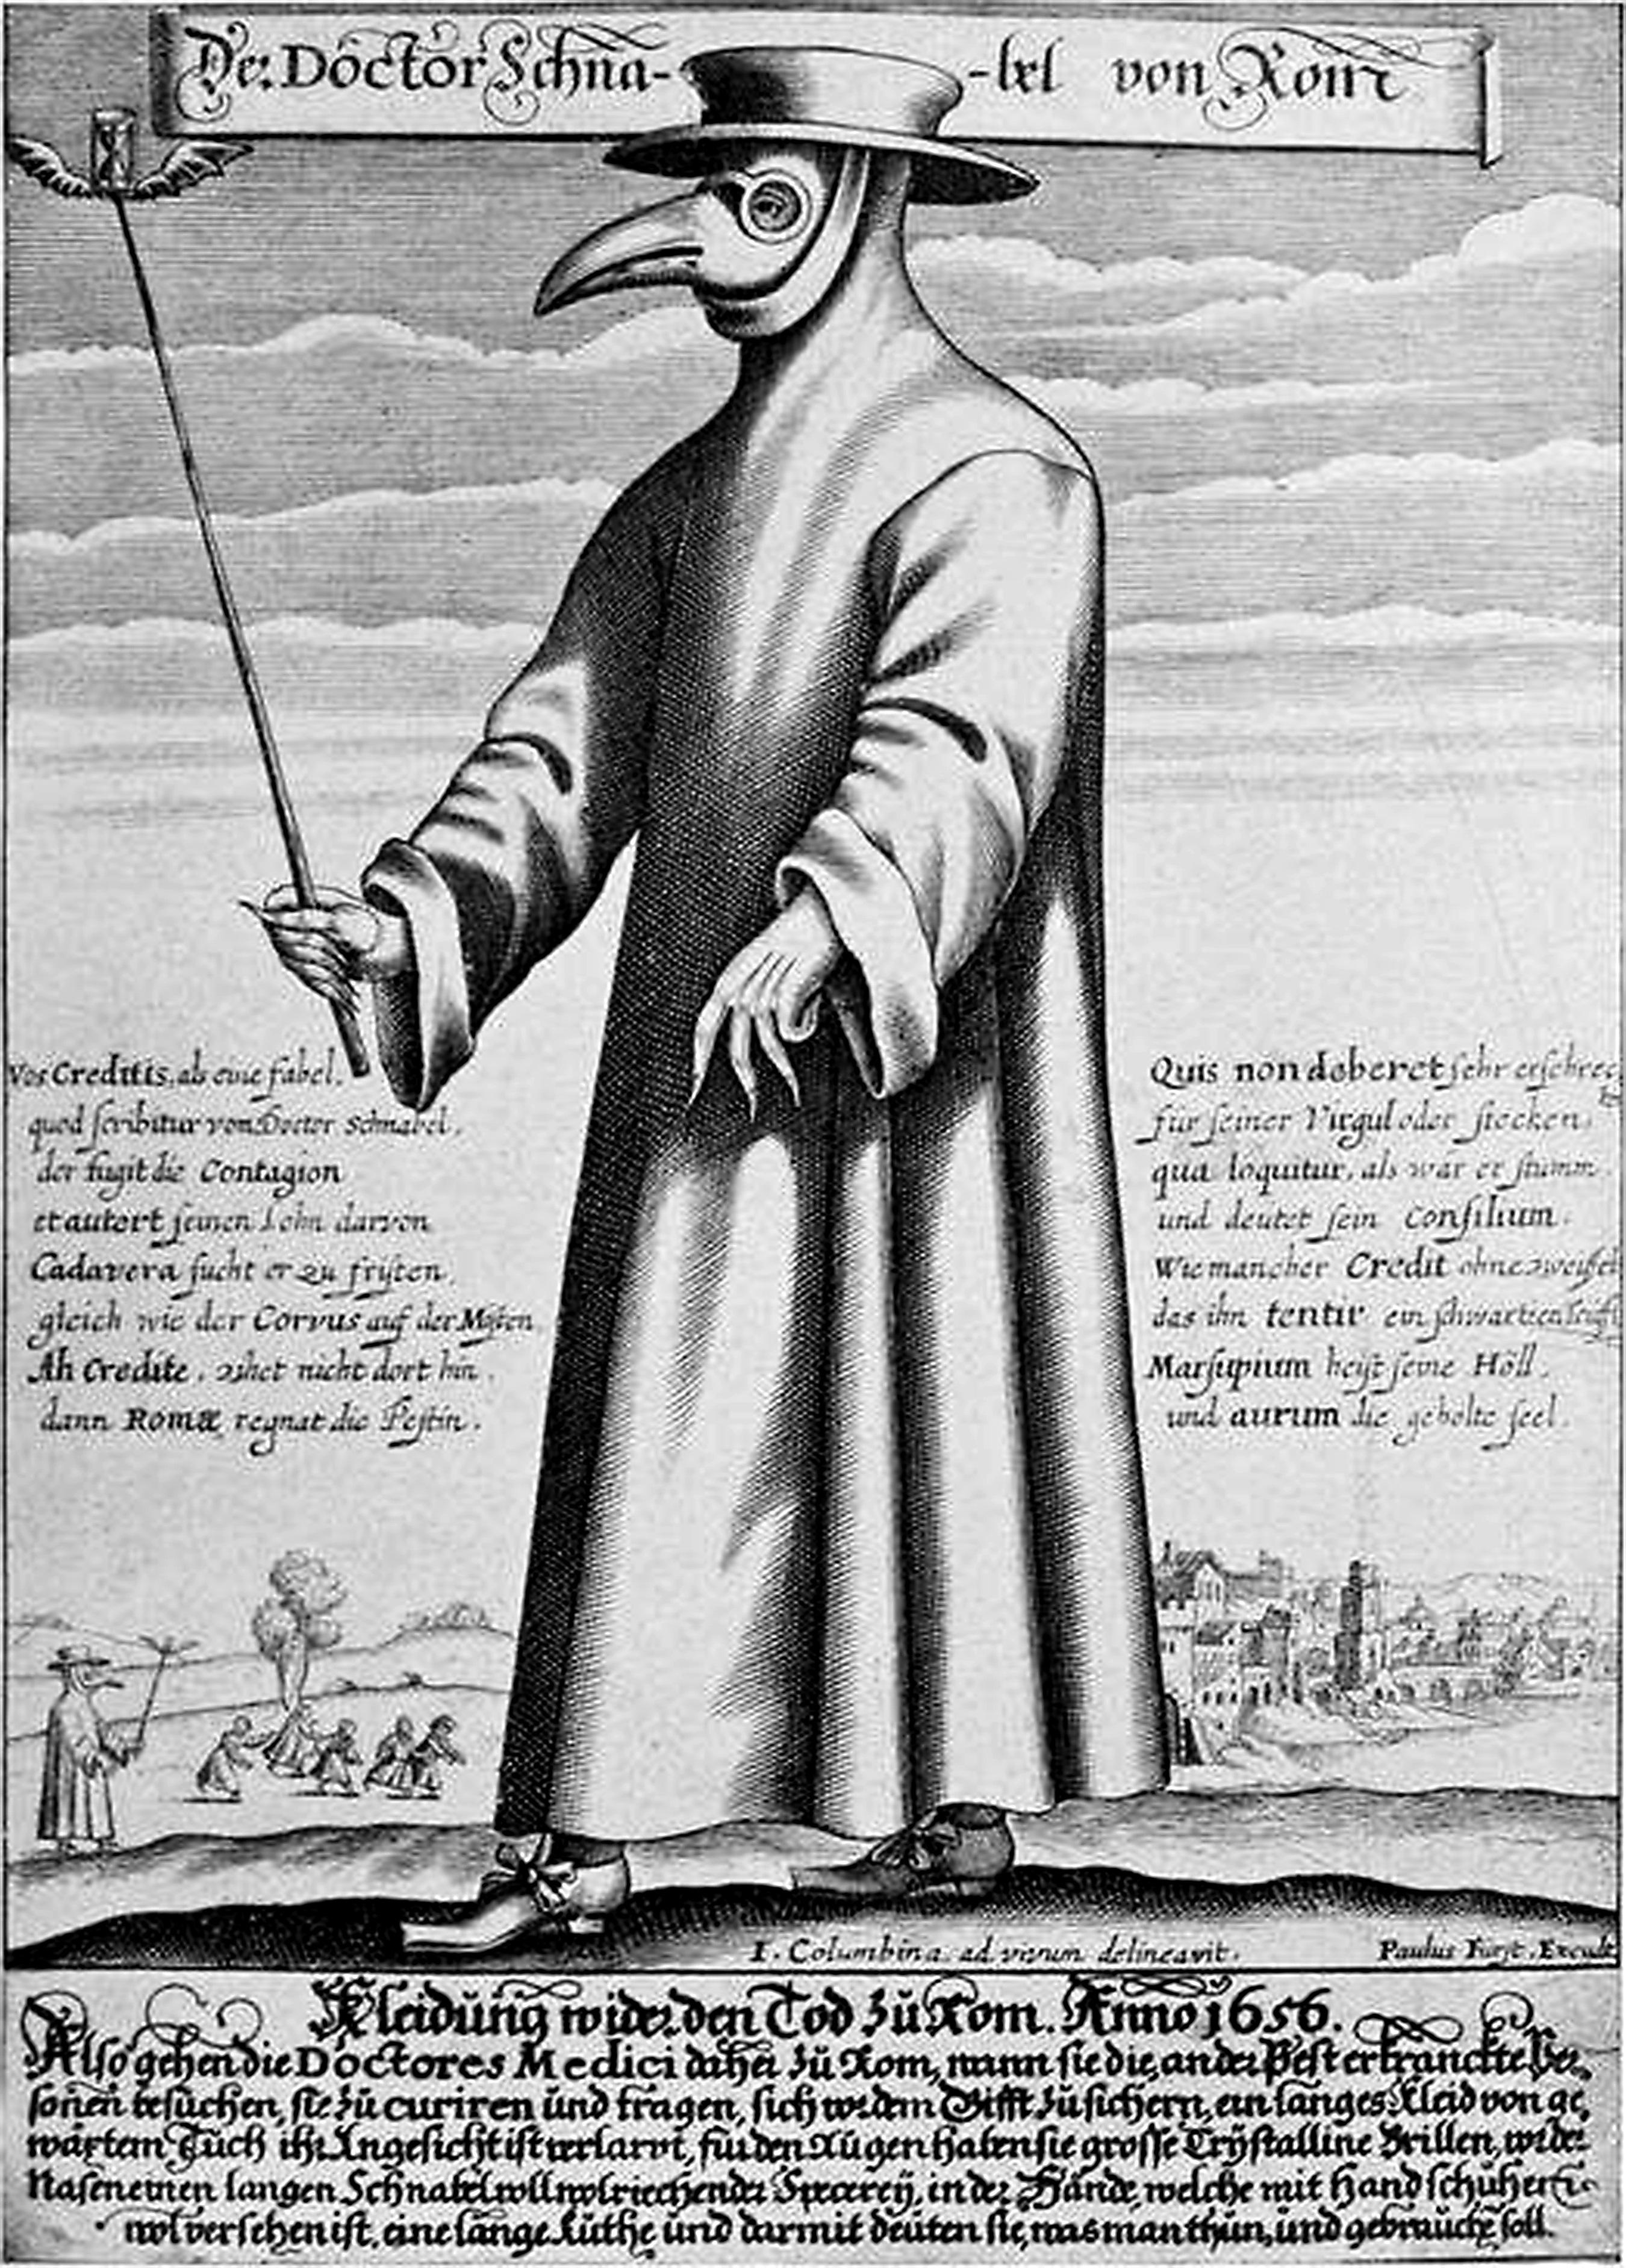 医学用口罩的雏形是欧洲十七世纪应对黑死病的鸟嘴面具